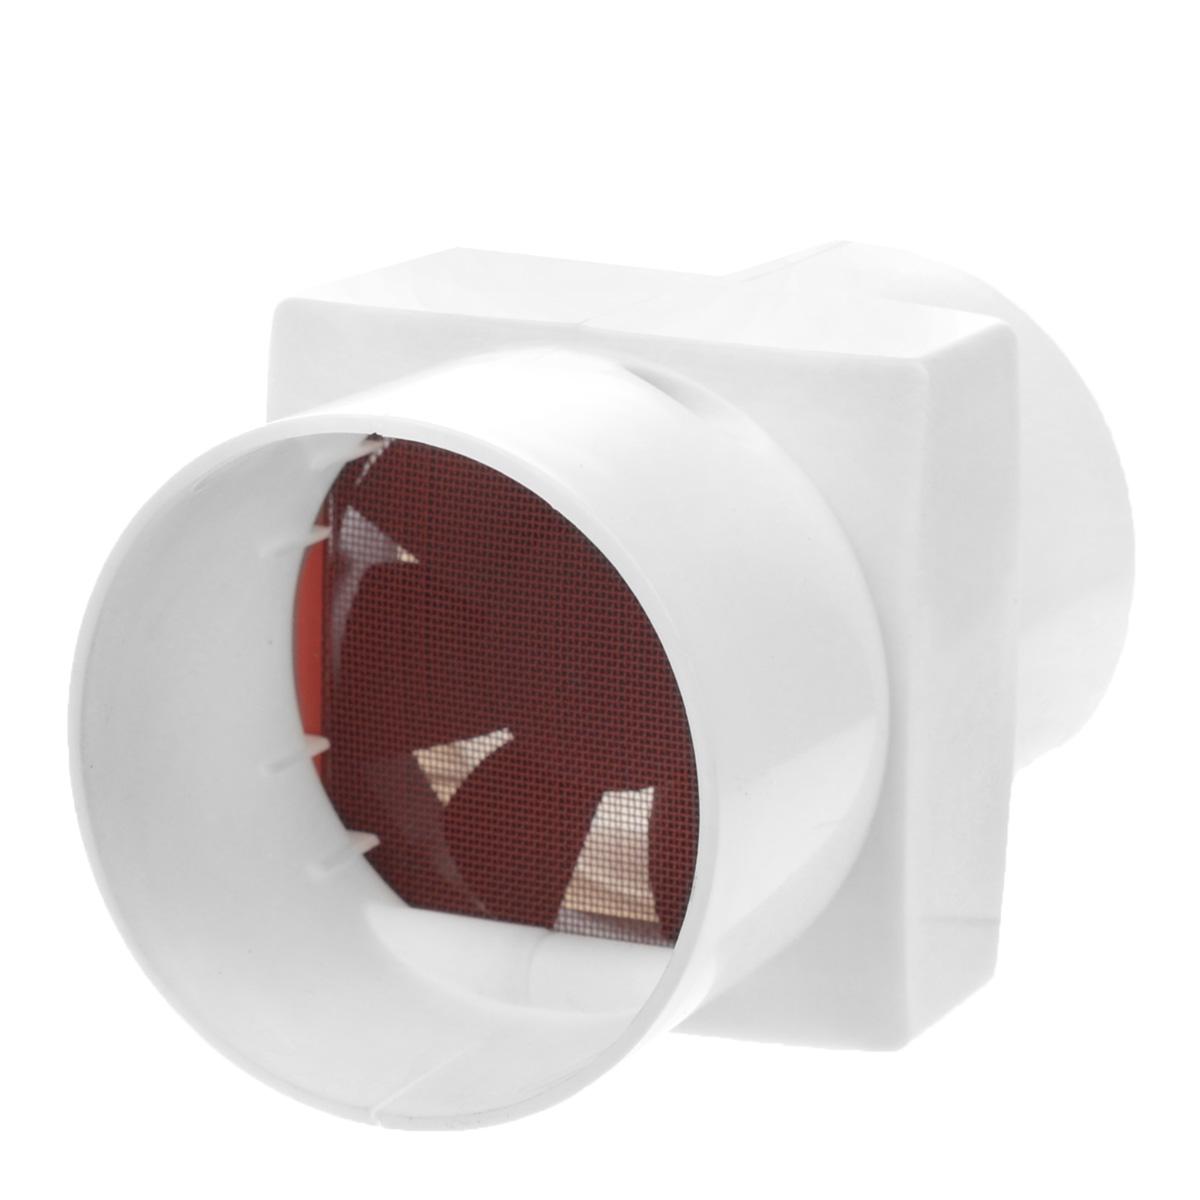 Муфта с вентилятором Piteco В011004900000360Муфта Piteco В01 применяется для усиления и ускорения воздухообмена, удаления неприятных запахов из торфяных туалетов Piteco, Separett. Особенно рекомендуется применять при изгибах вентиляционной трубы для обеспечения нормального вентилирования торфяных туалетов.В комплект входит блок питания.